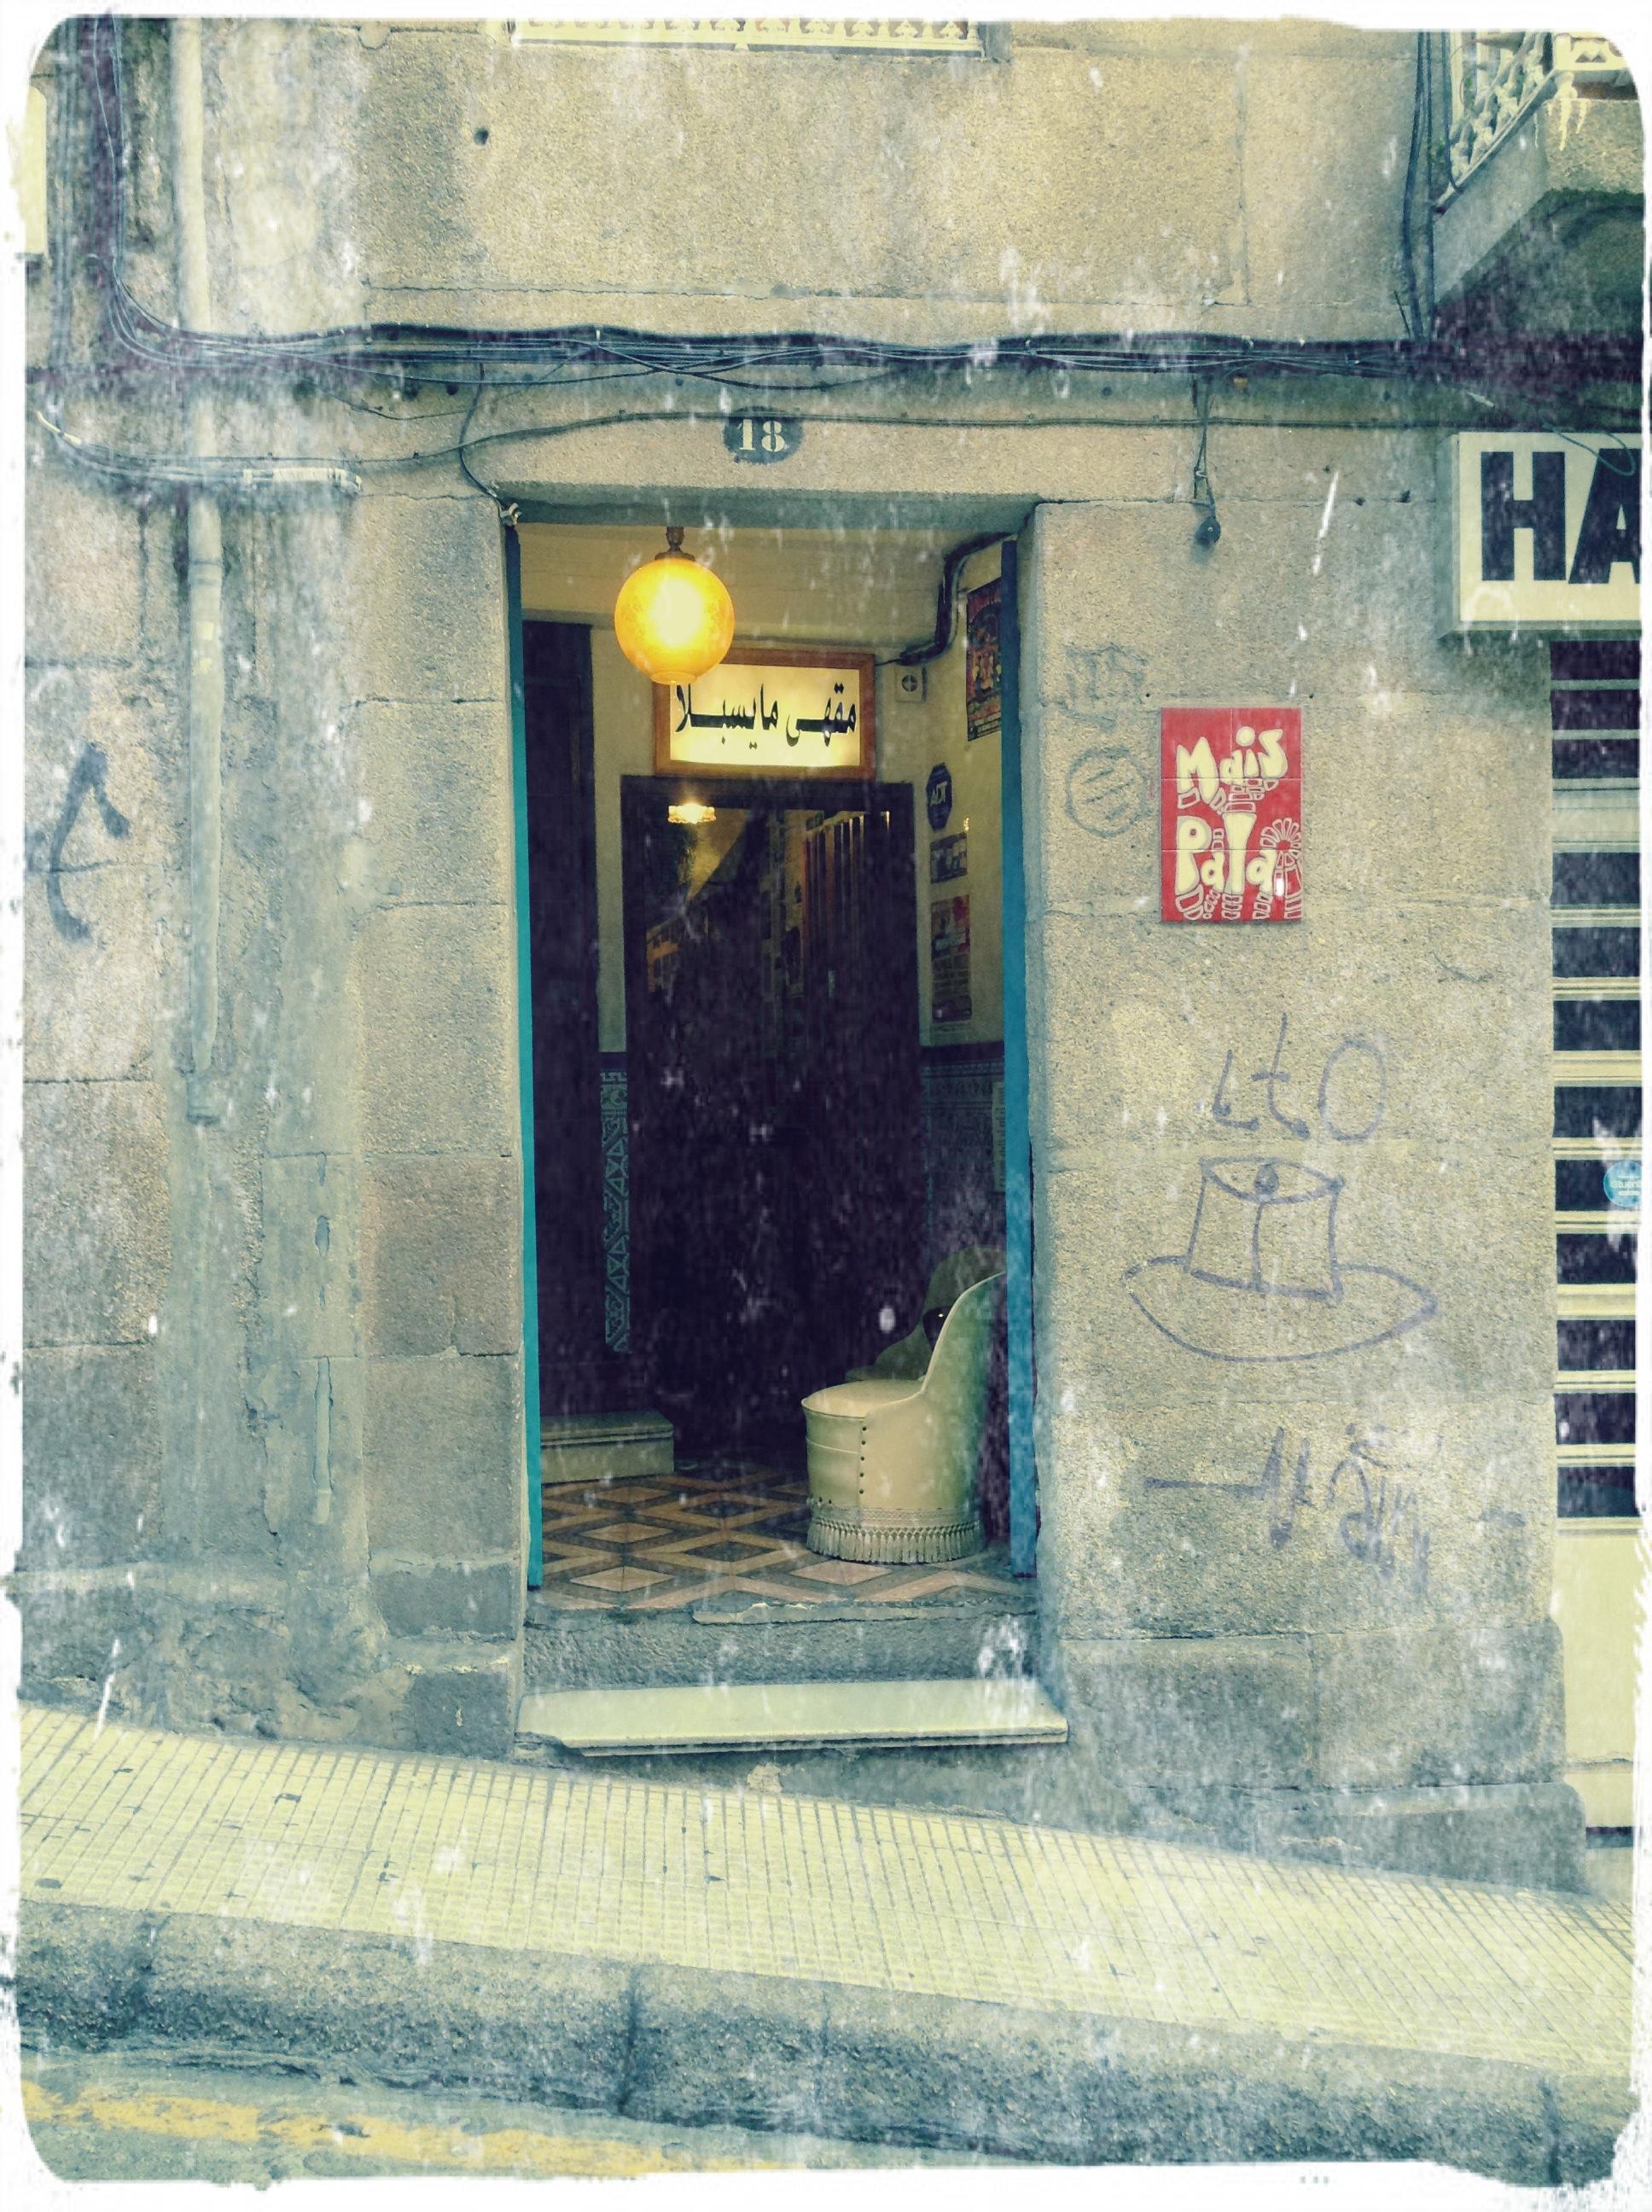 maispala cafe bar vigo entrada